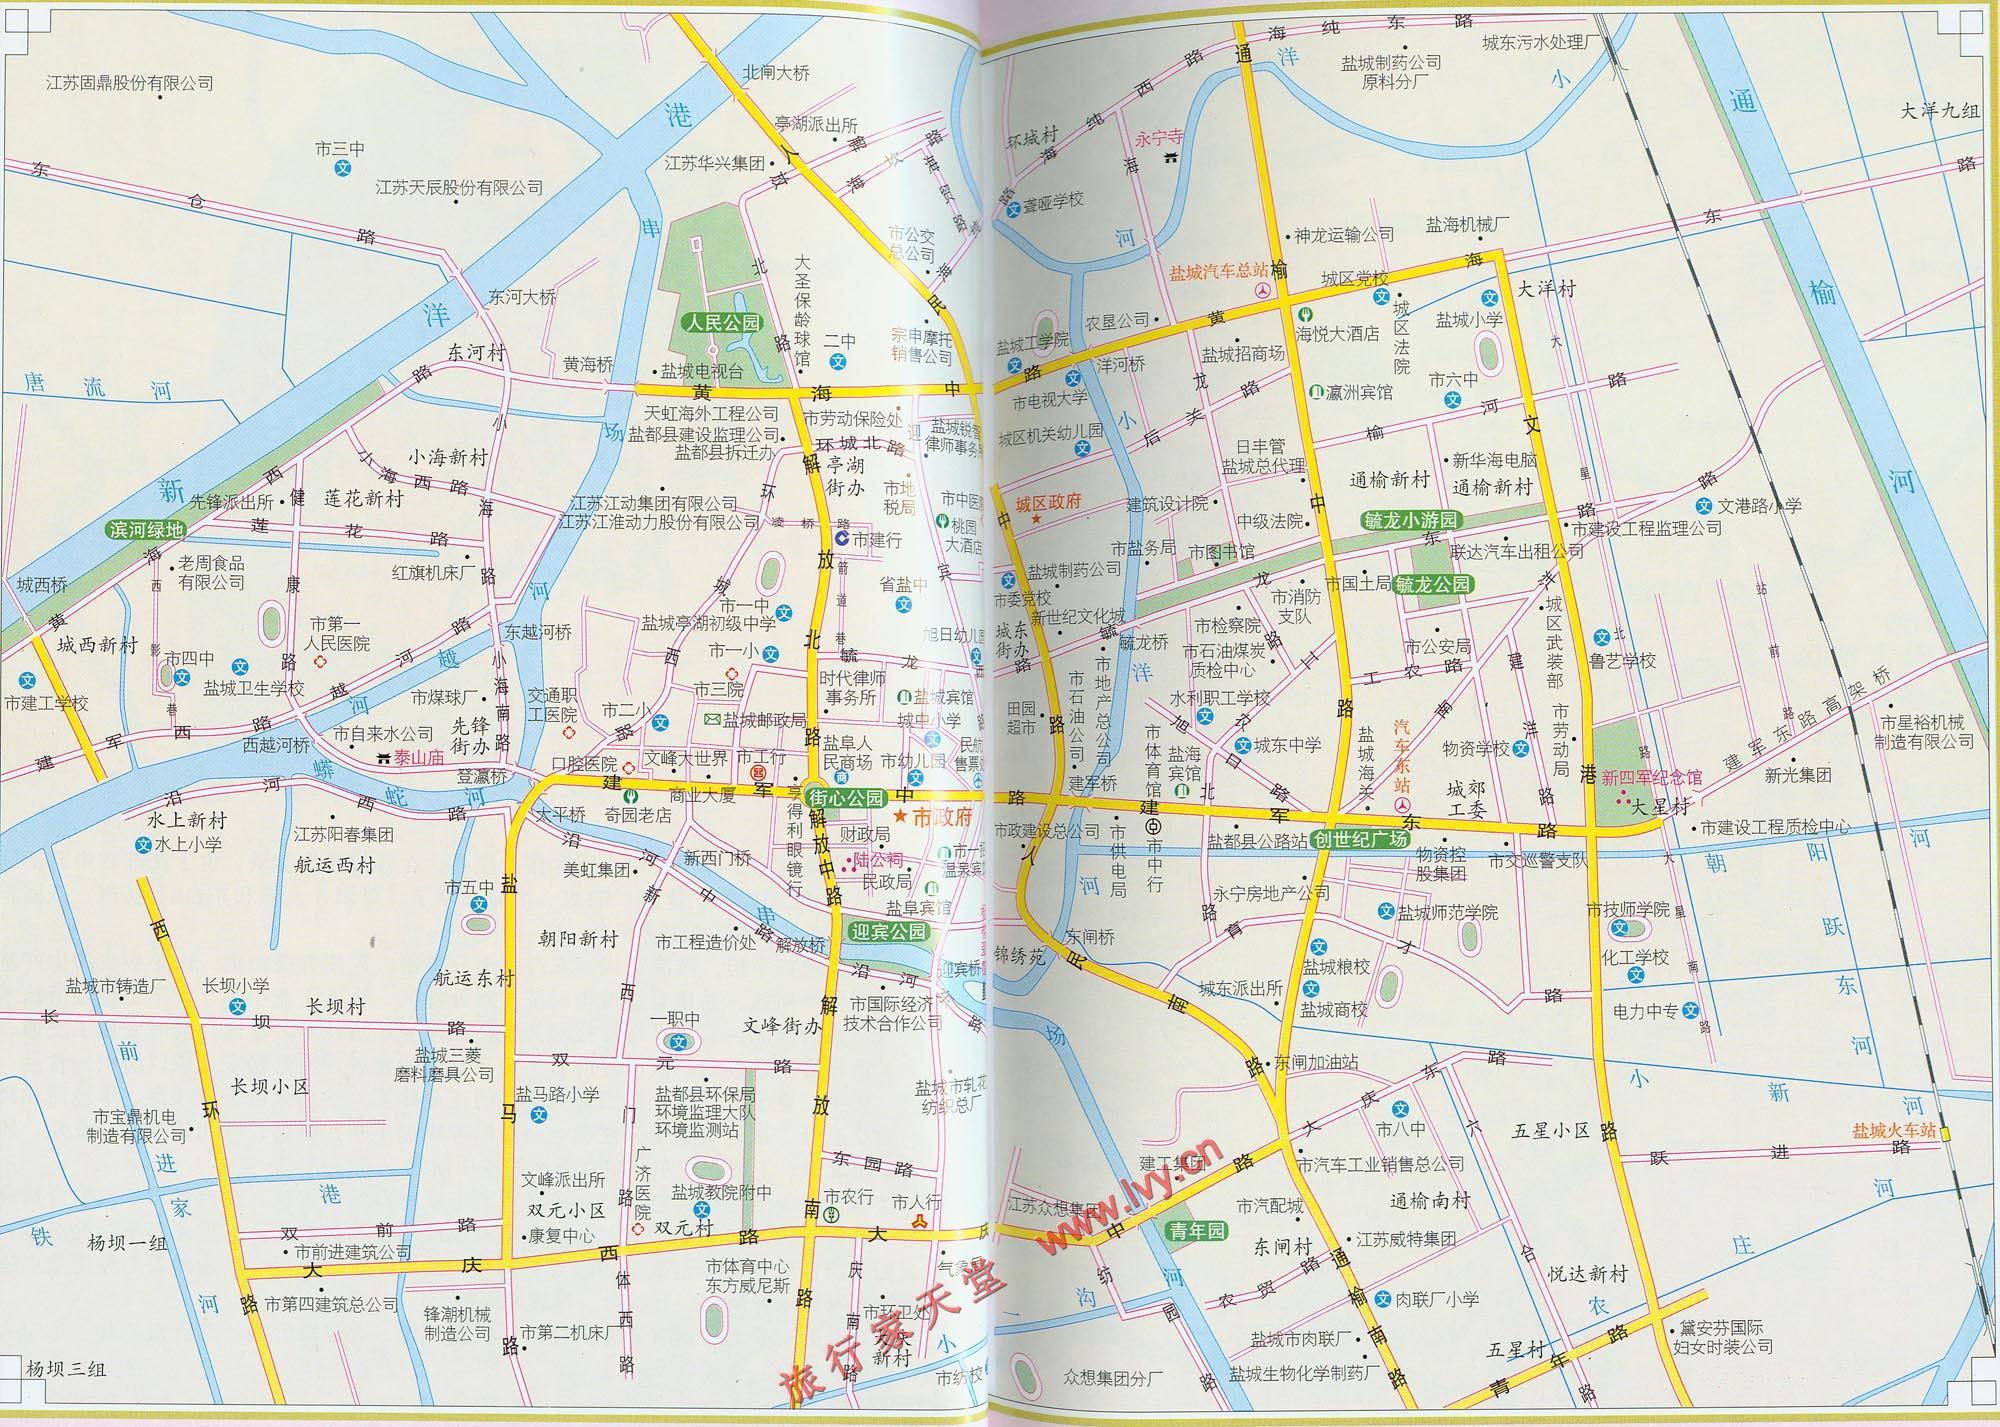 盐城旅游交通图_盐城地图查询